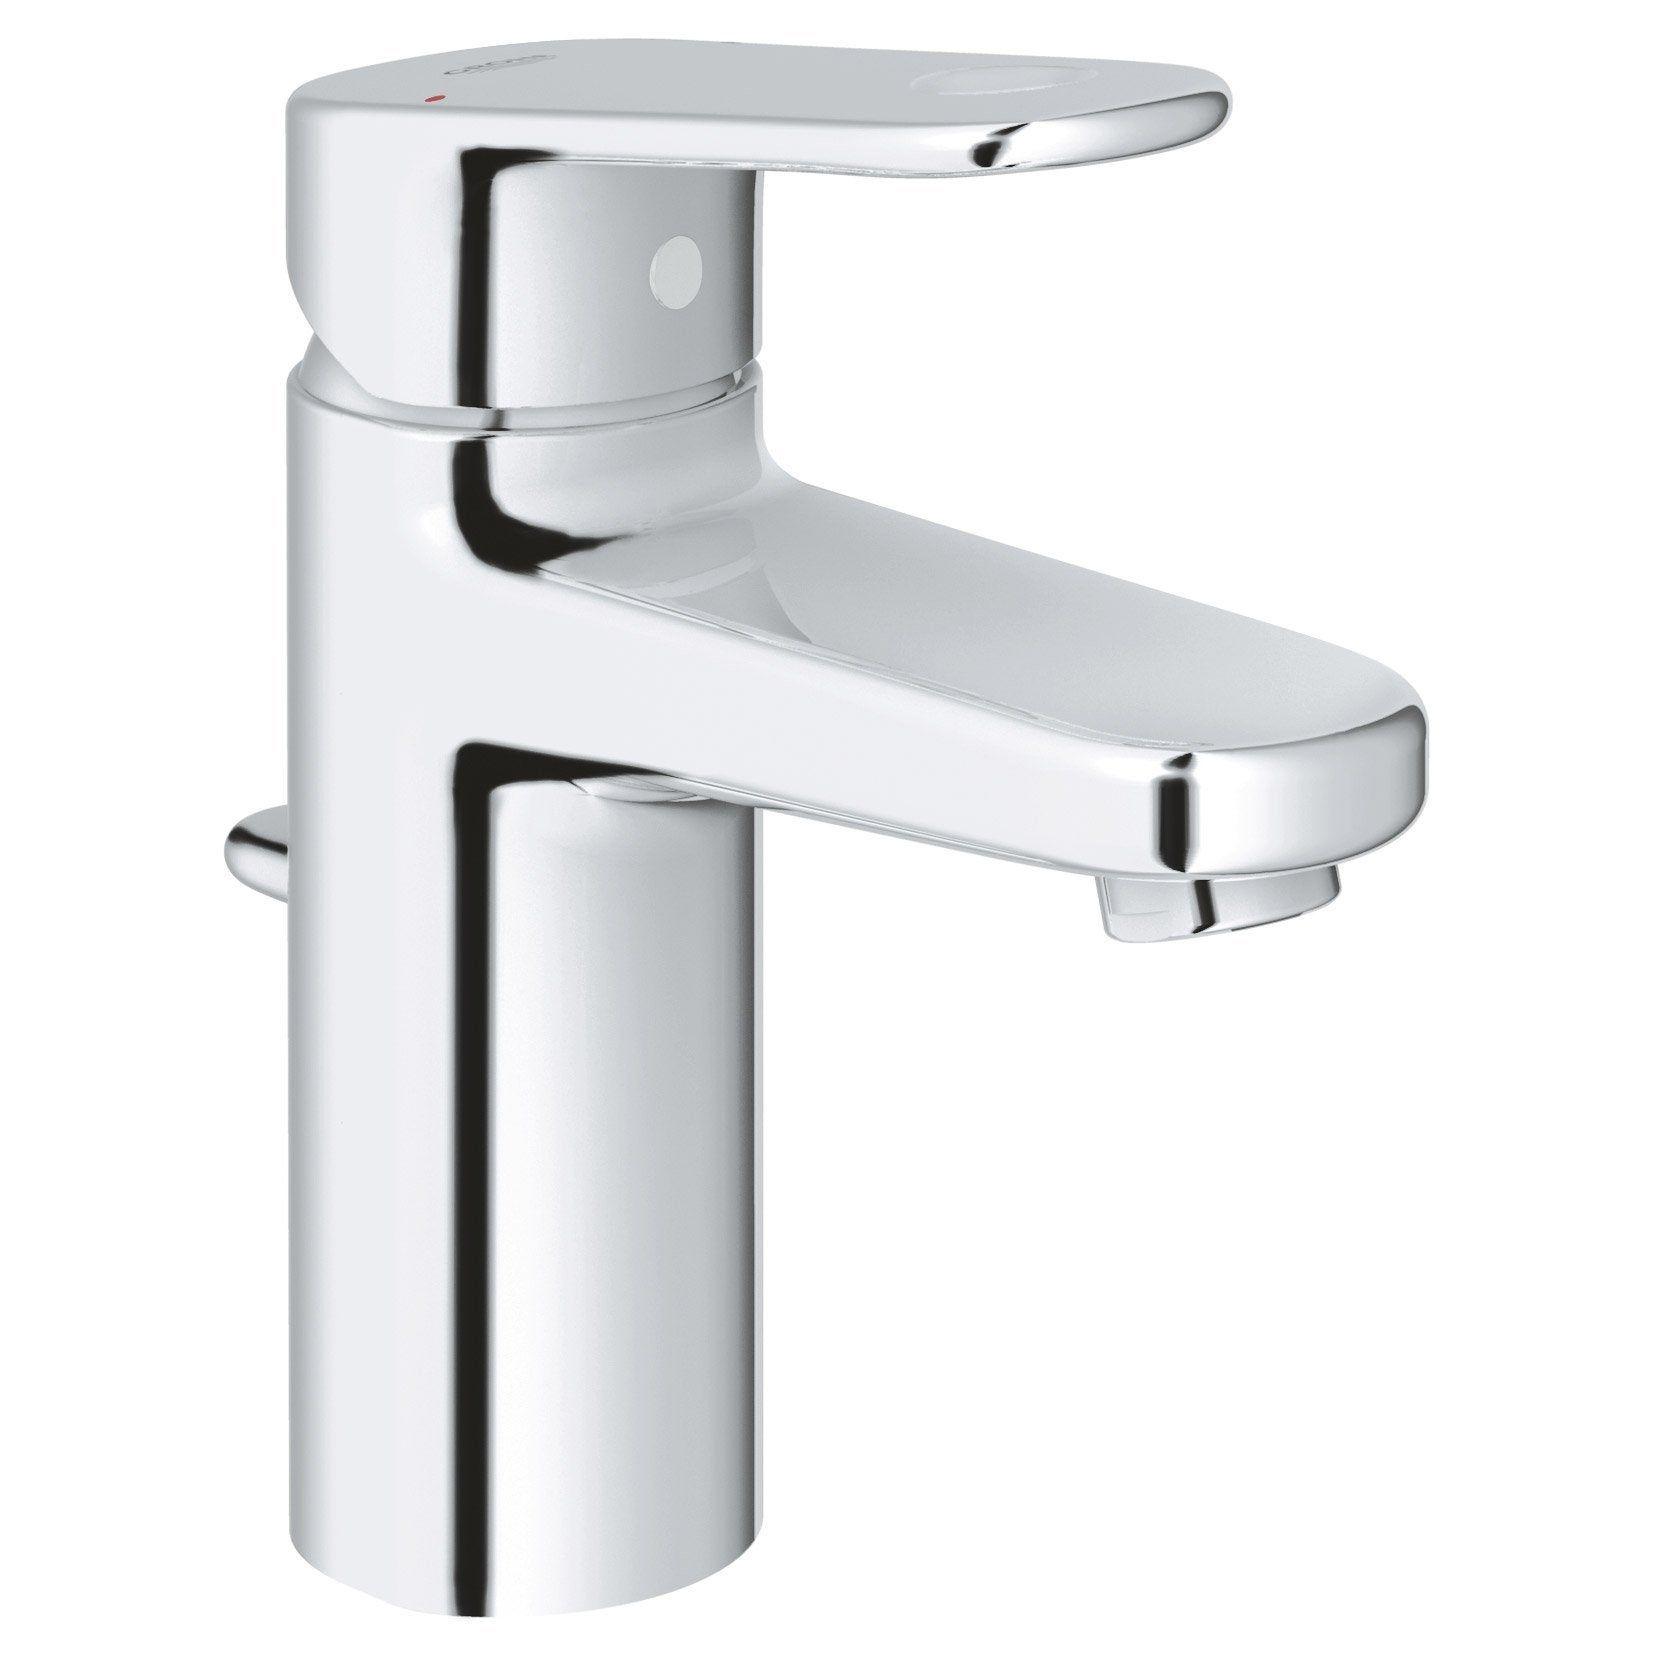 Mitigeur de lavabo chromé brillant, GROHE Europlus infra ...